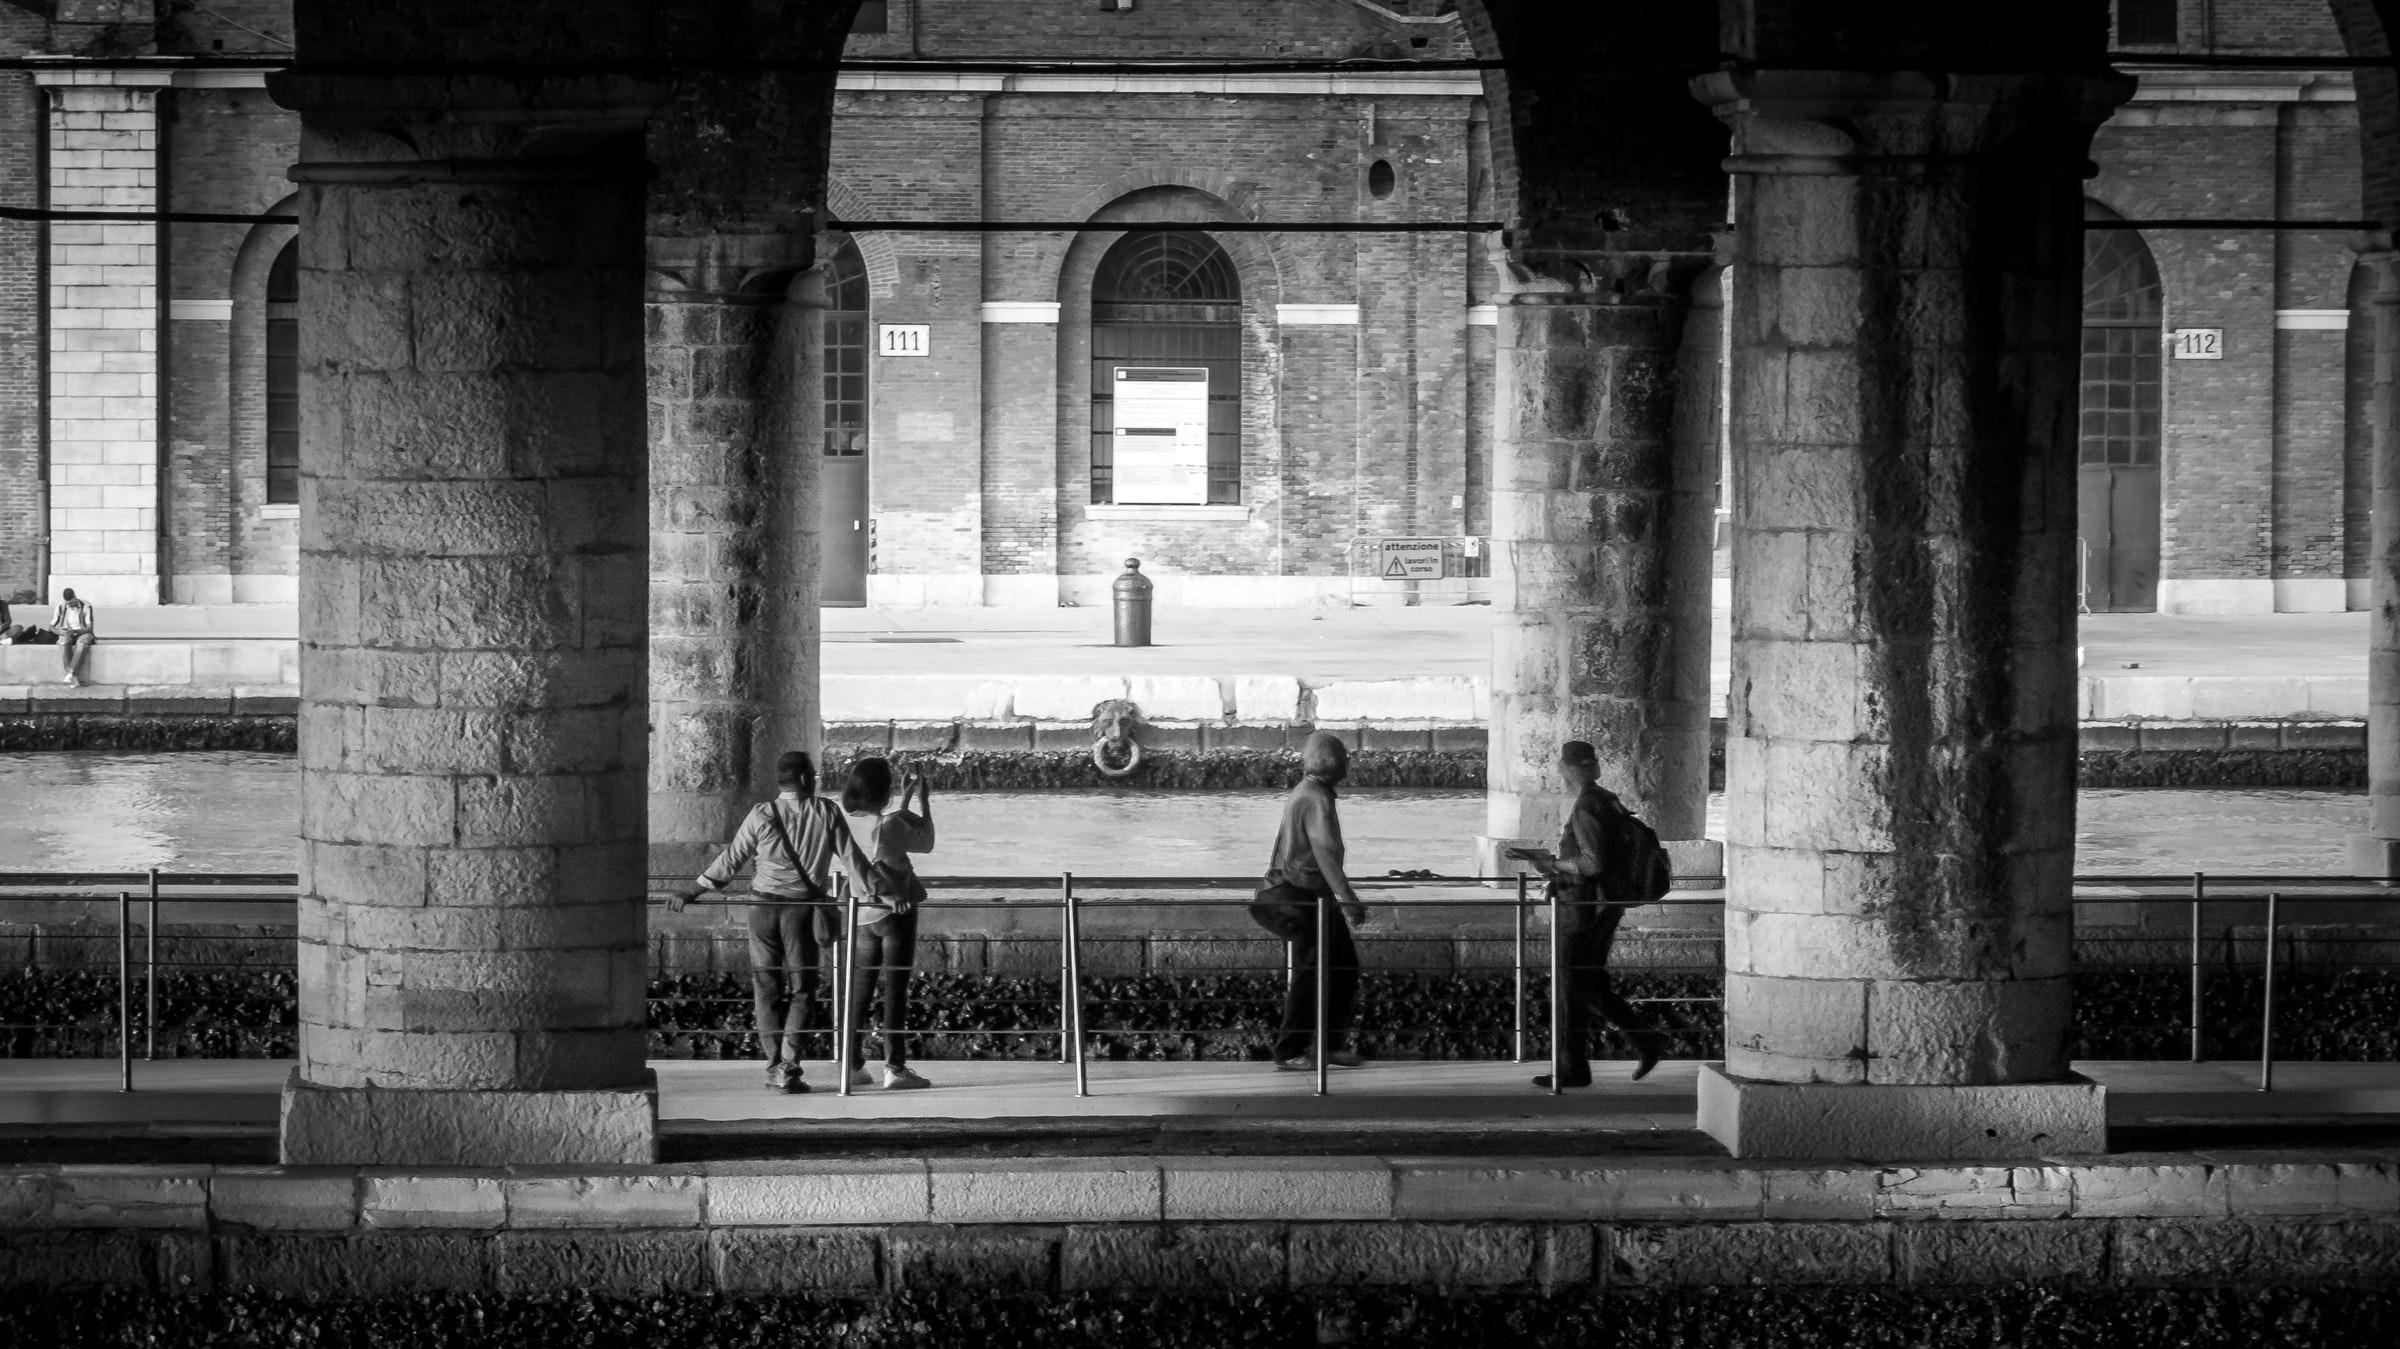 Фото с Венецианской биеннале 2019 года. Unsplash.